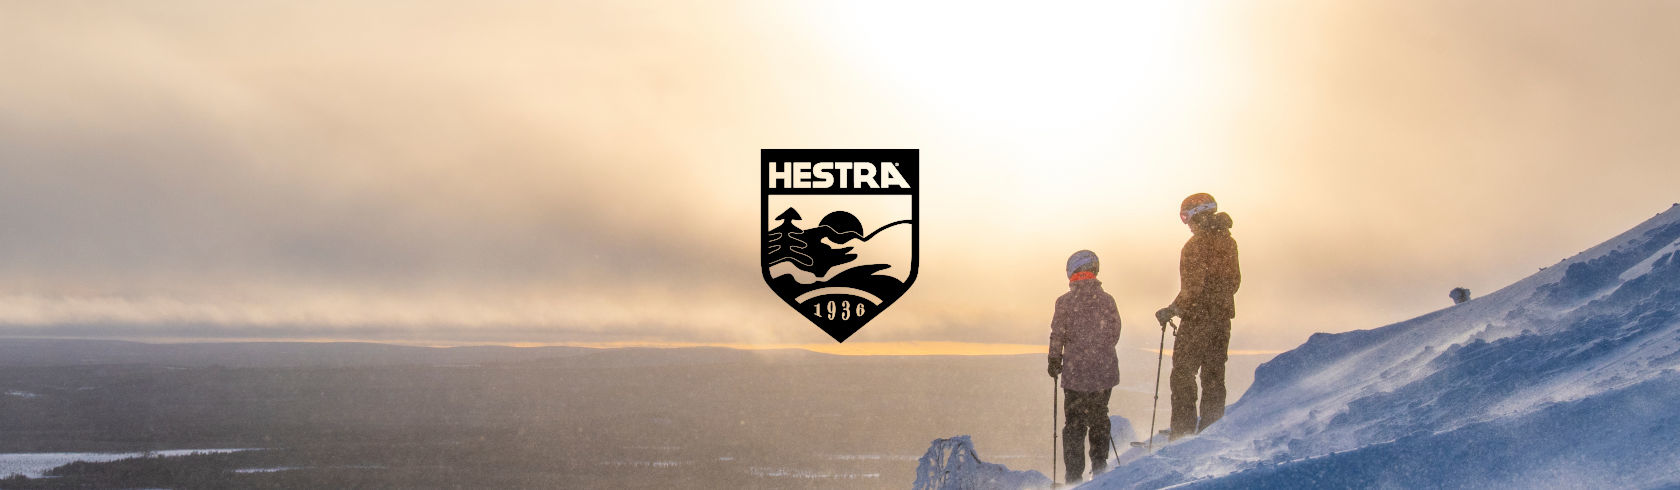 Hestra brand logo